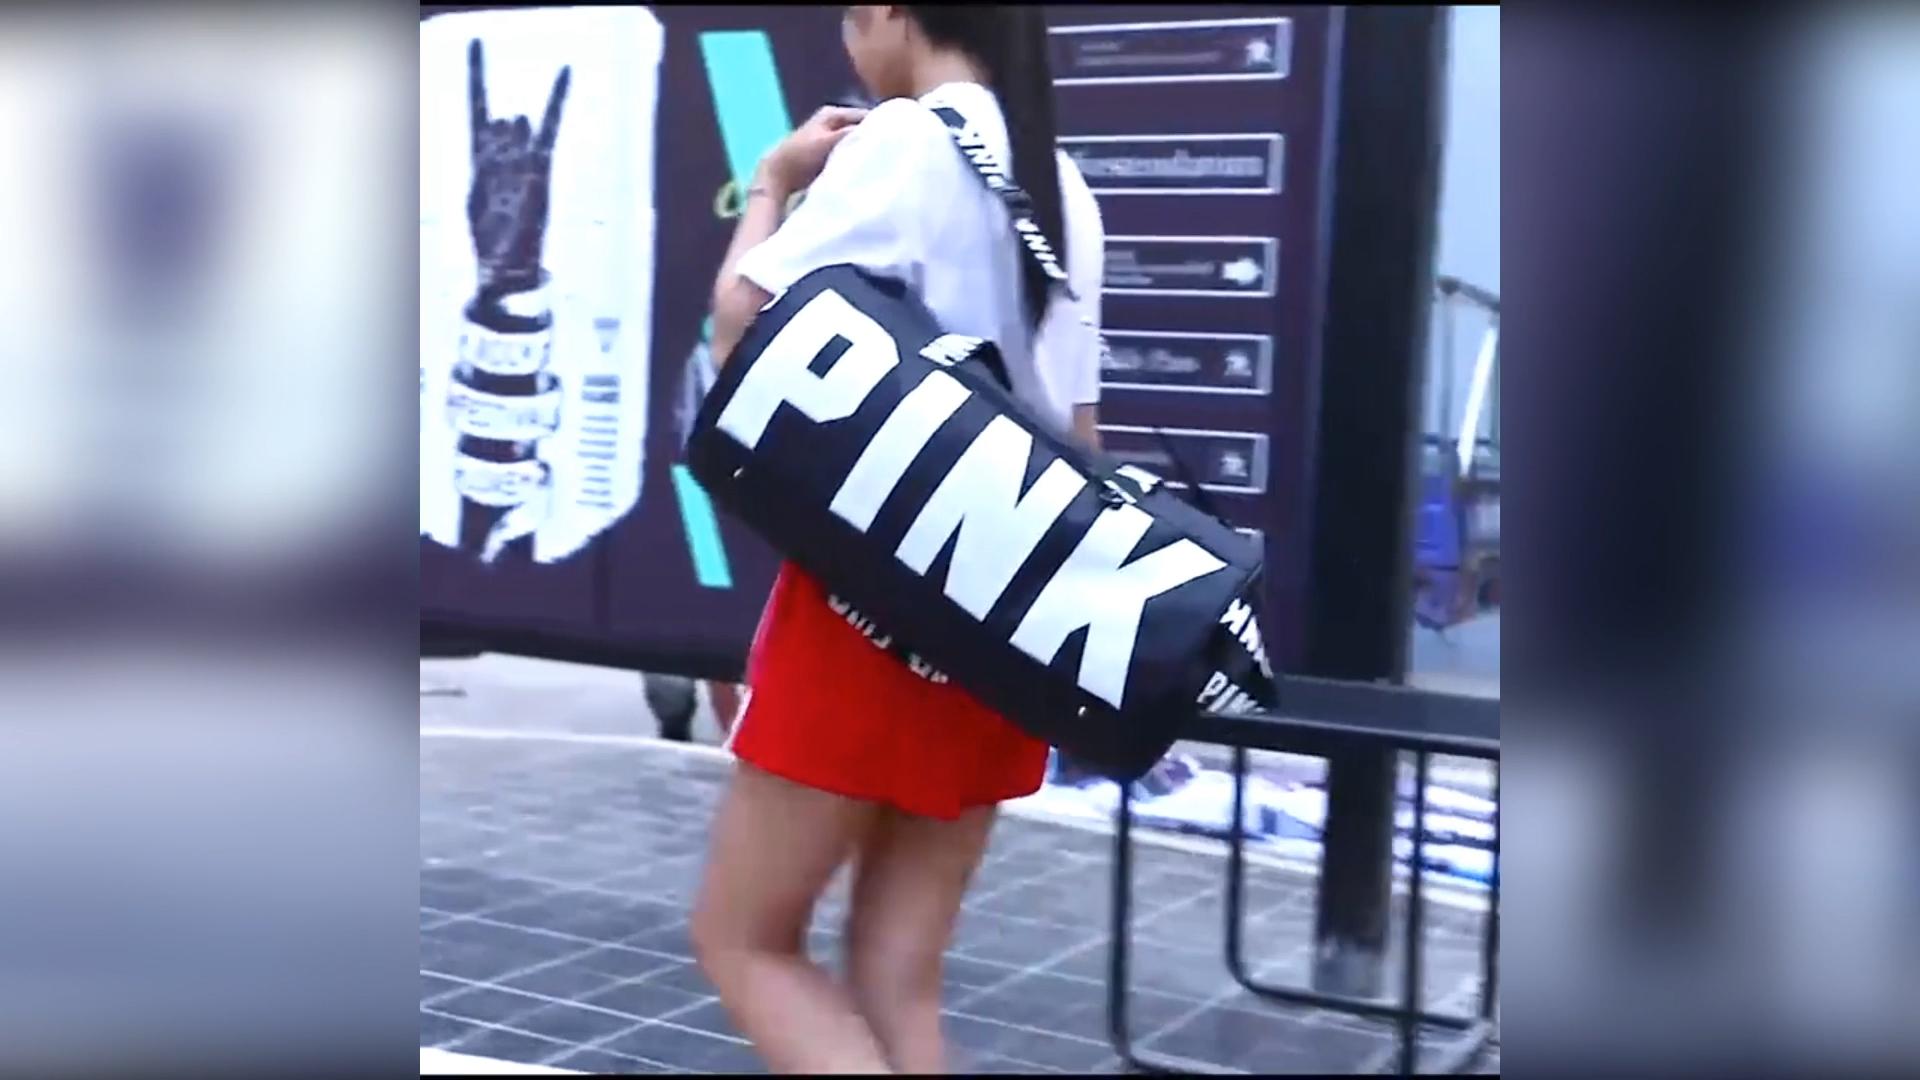 Оптовая продажа; Популярные OEM спортивная одежда для занятий спортом вещевой сумки в минималистском стиле Оксфорд, водонепроницаемый, рюкзак для путешествий, Сумки для дам